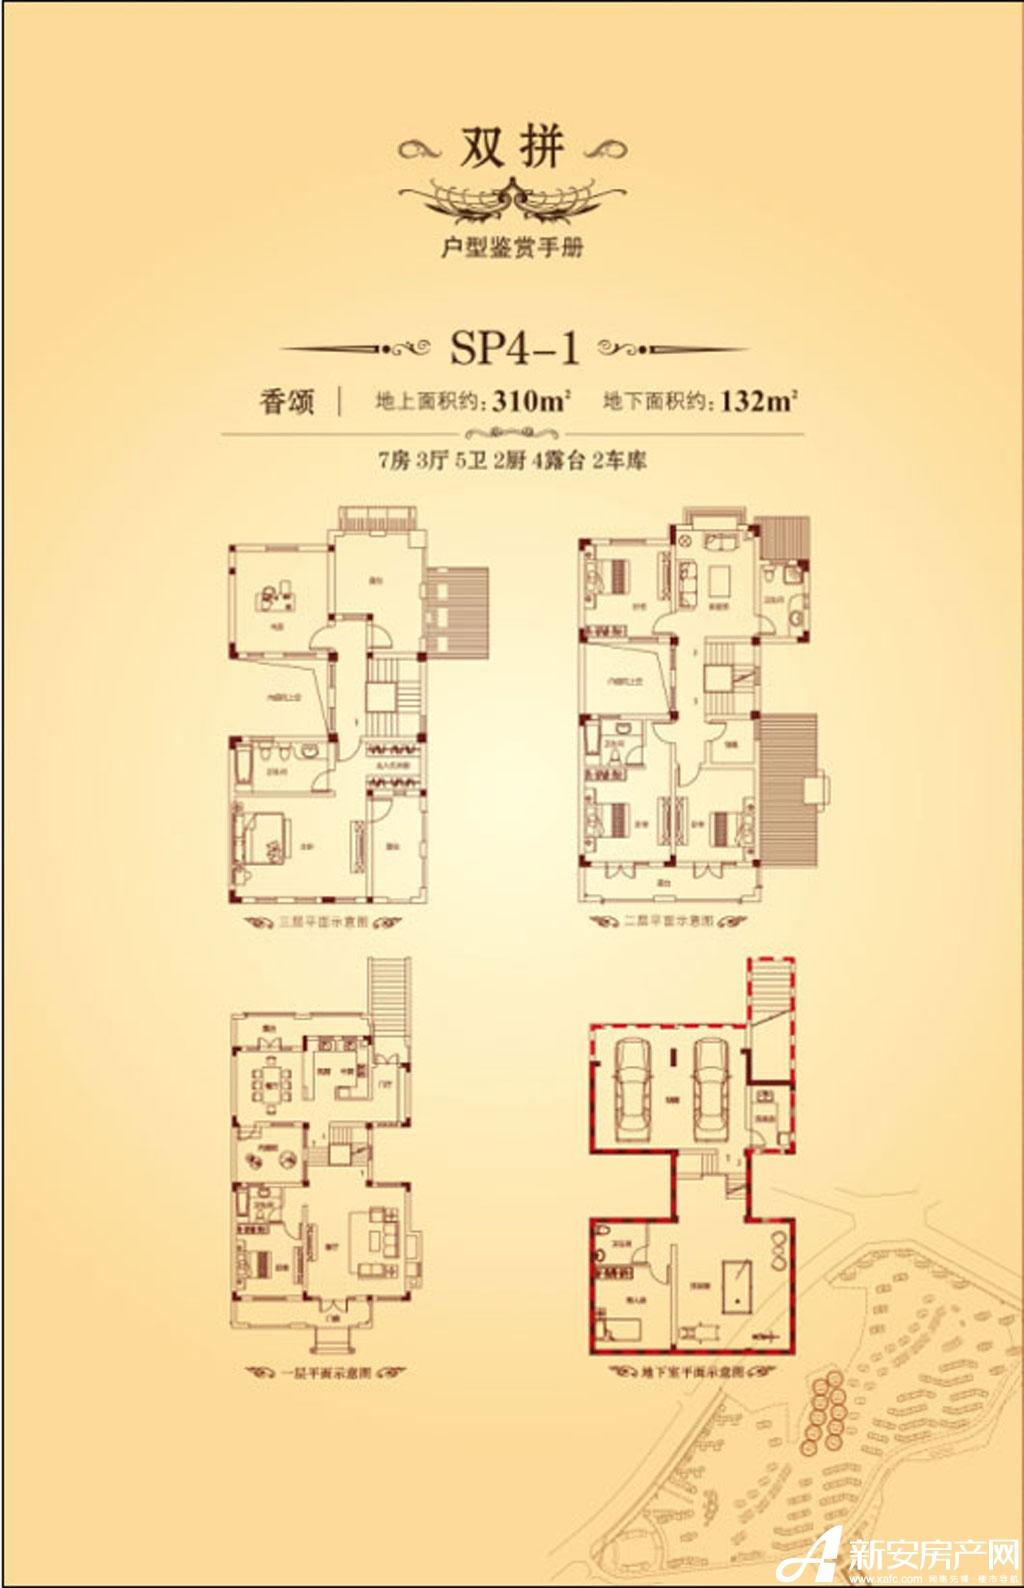 高速铜都天地SP4-1户型7室3厅442平米